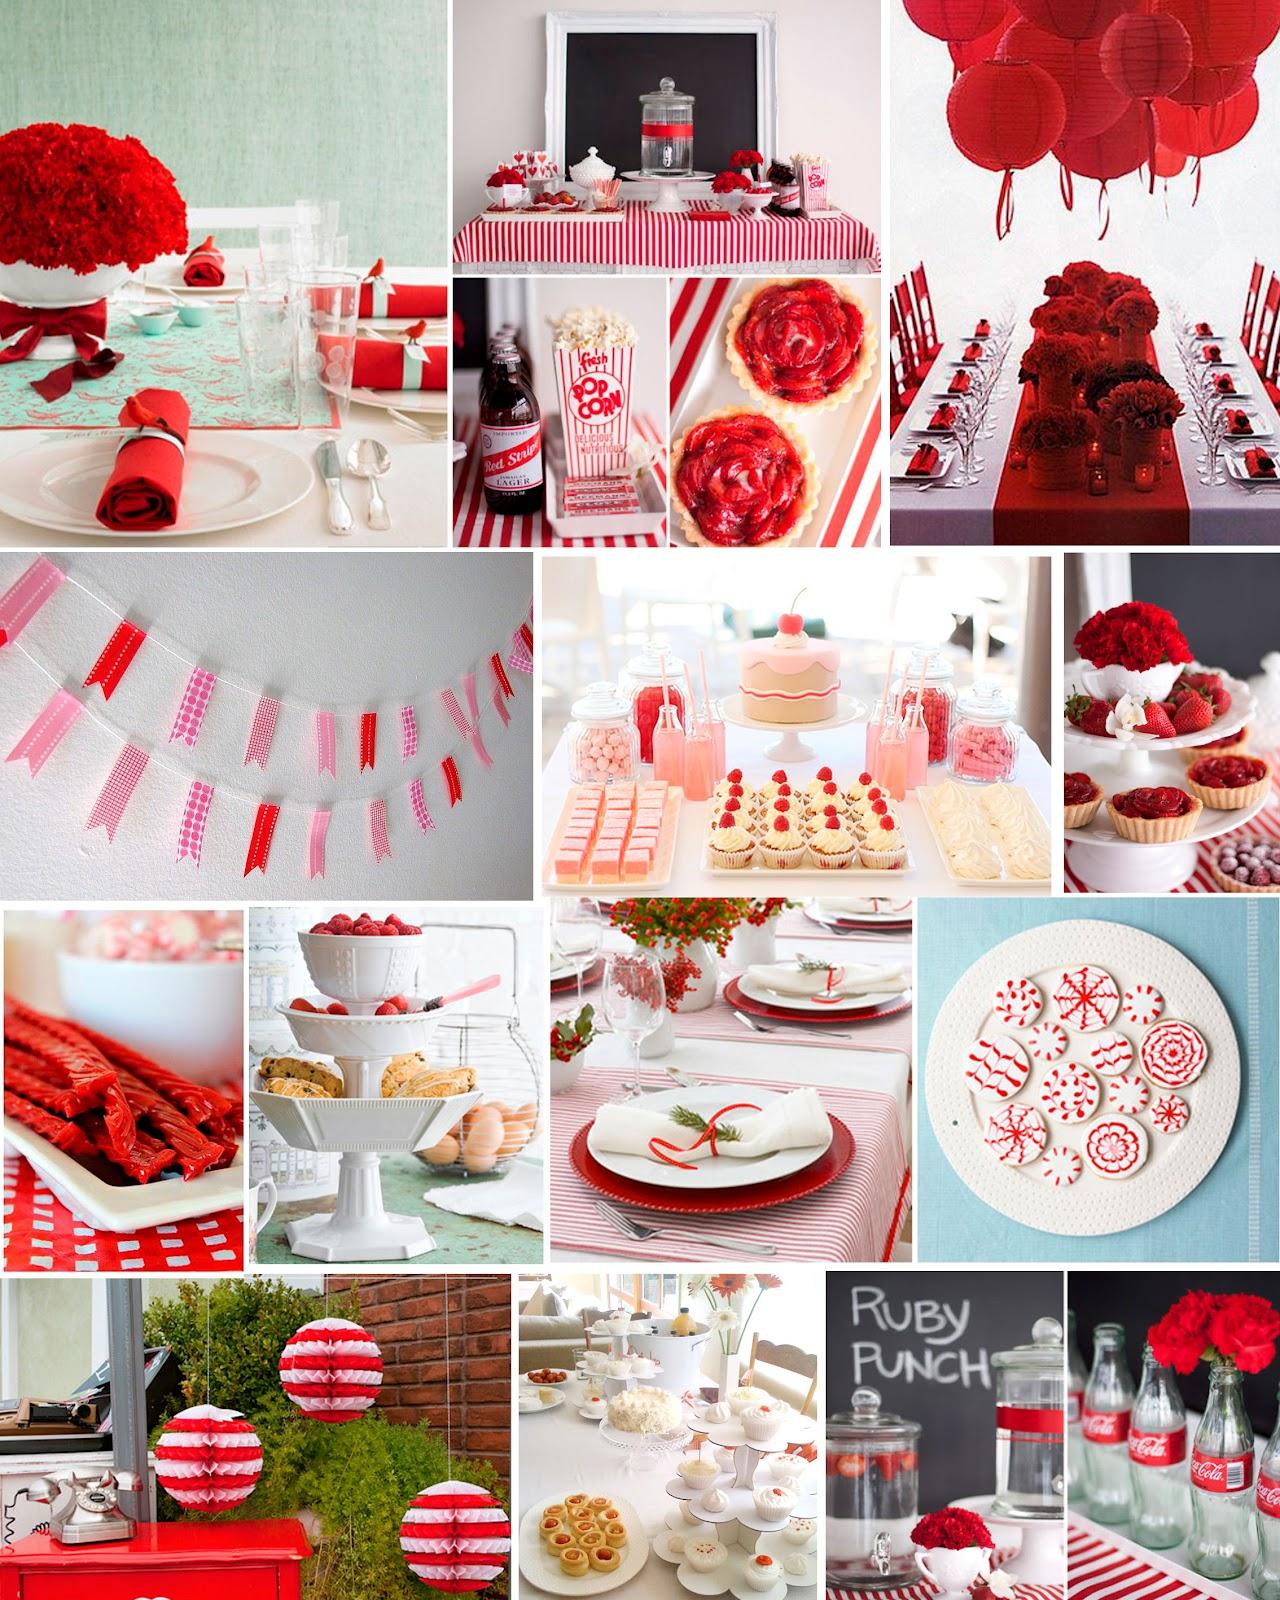 Laif vidanaif fiestas en rojo y blanco for Decoracion en rojo y blanco